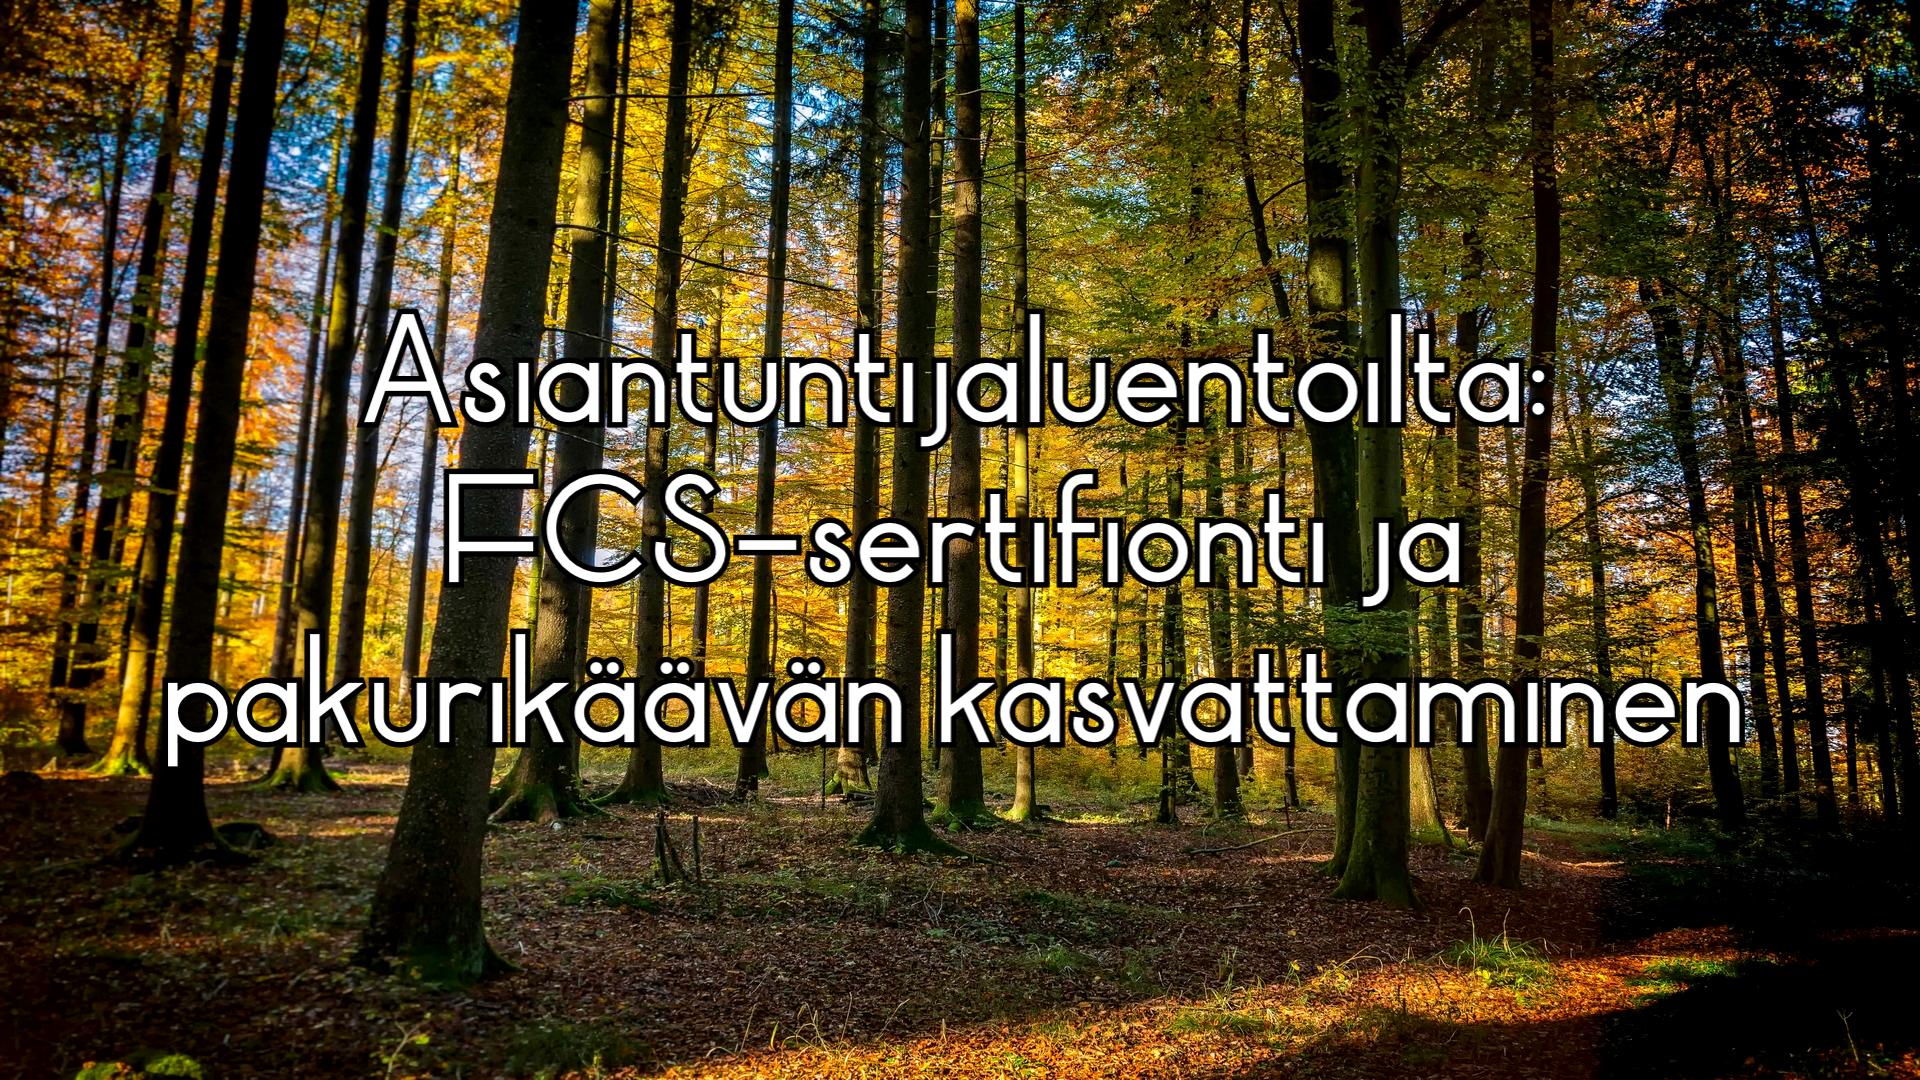 Asiantuntijaluentoilta: FCS sertifiointi ja pakurikäävän kasvattaminen